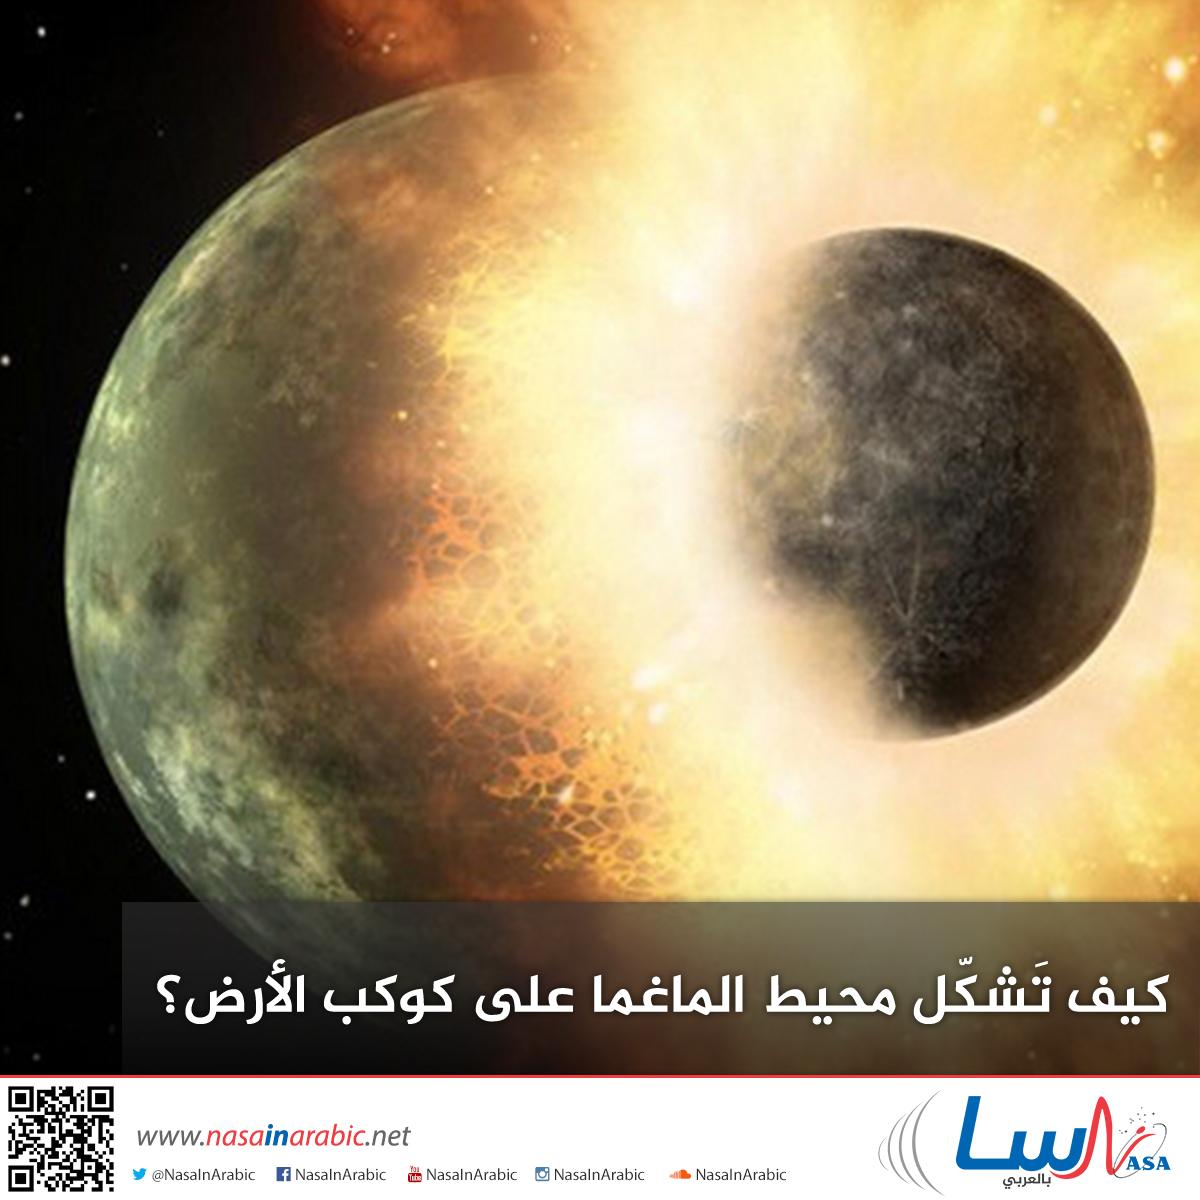 كيف تَشكّل محيط الماغما على كوكب الأرض؟